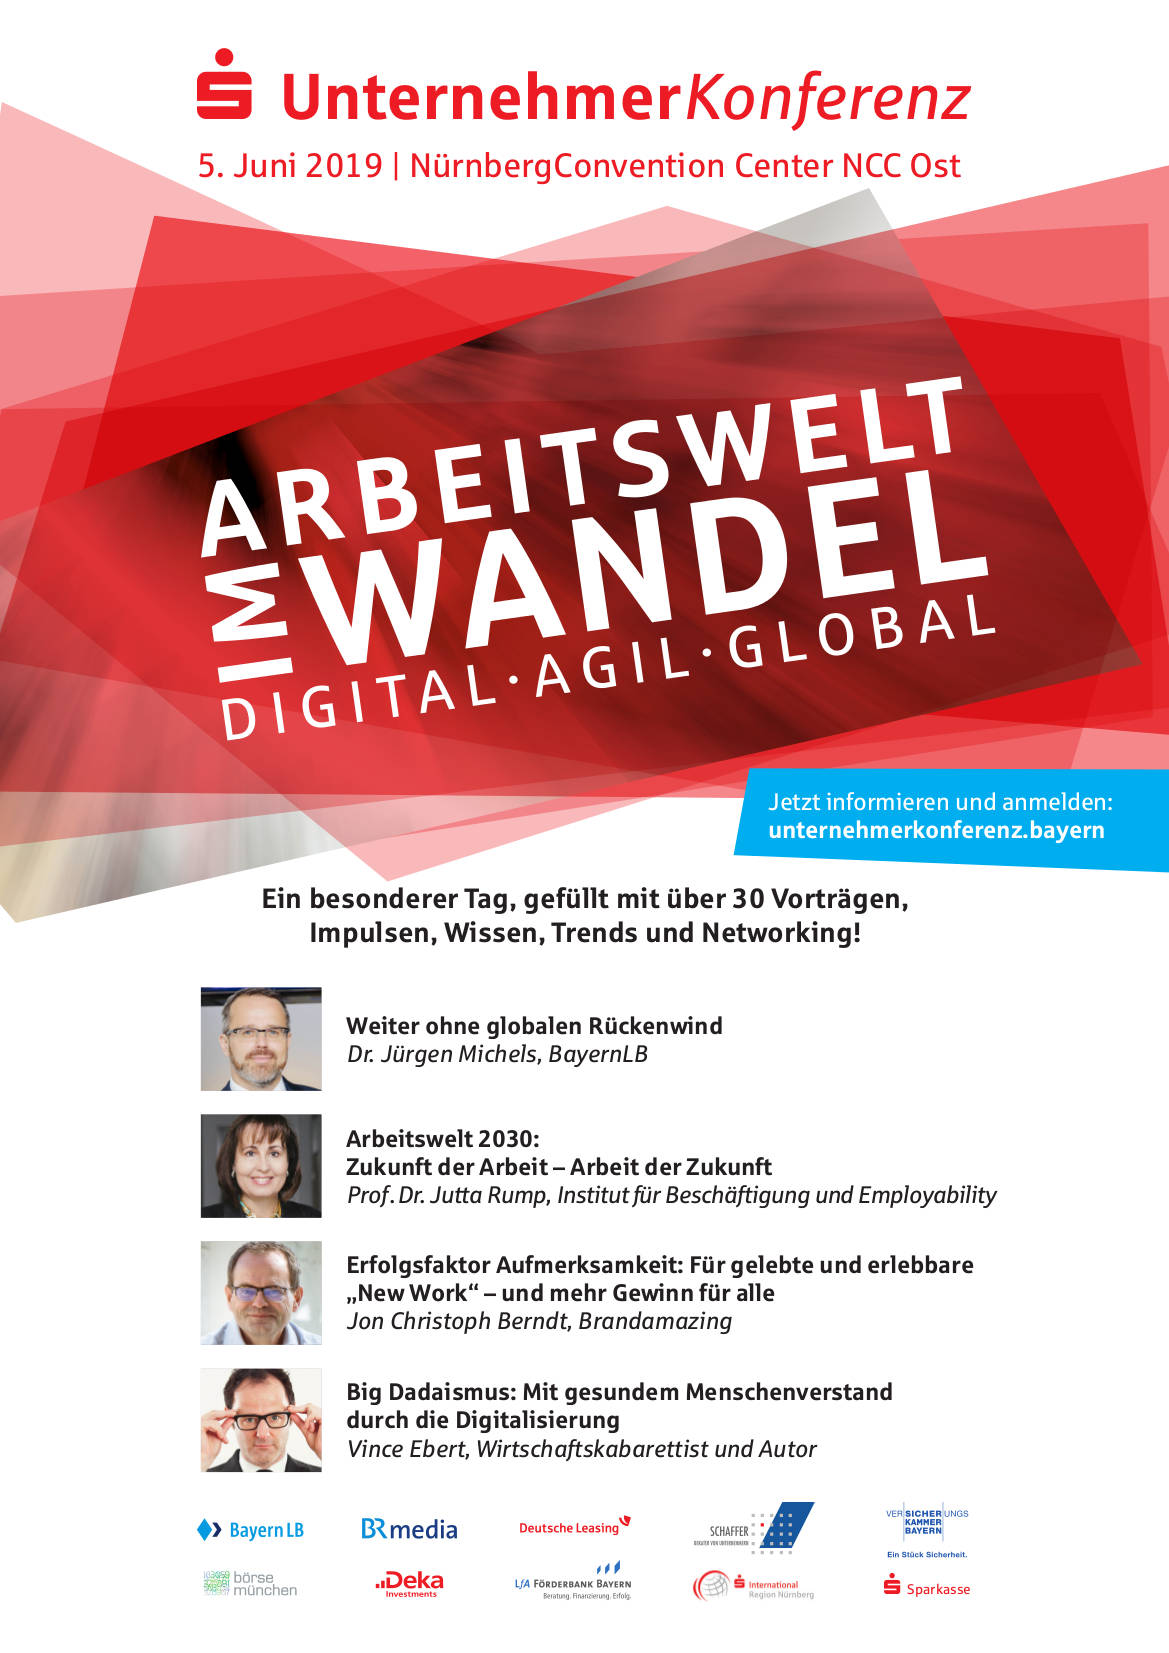 UnternehmerKonferenz 2019: Arbeitswelt im Wandel. Digital. Agil. Global. 4